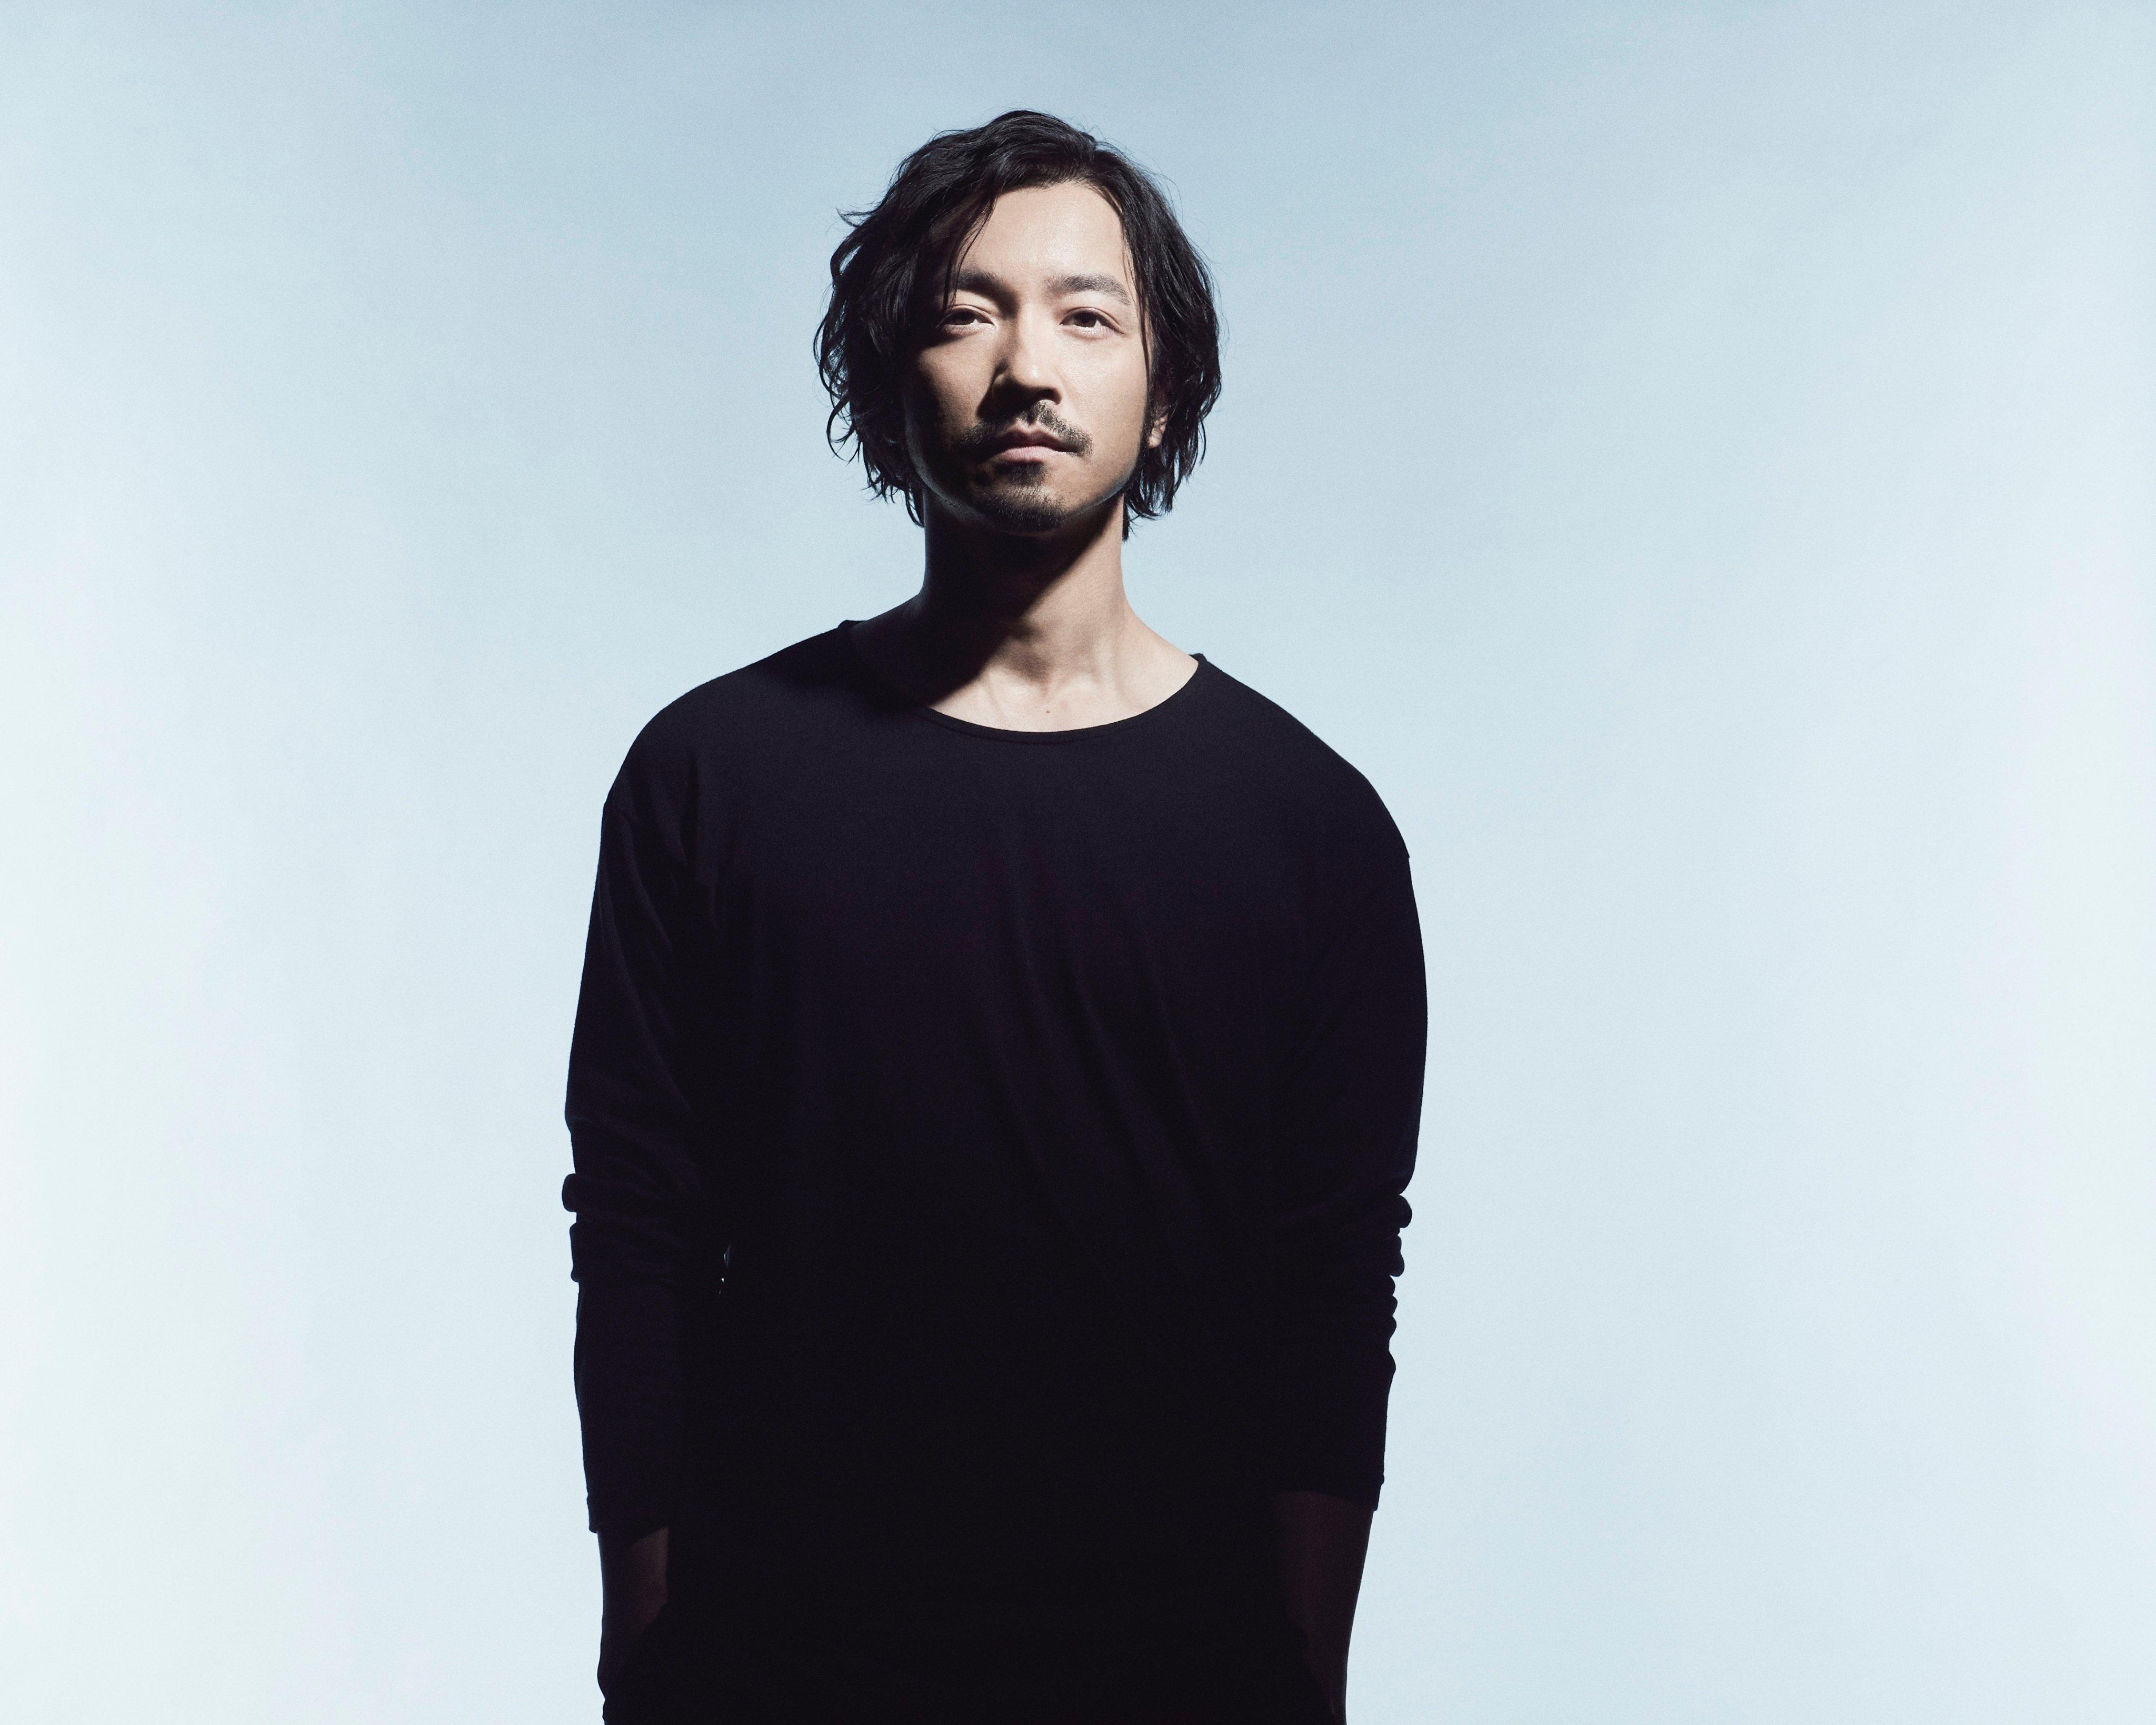 金子ノブアキ、日本でのツアー中は飲み歩いていたけど…アメリカを巡ったあとの変化